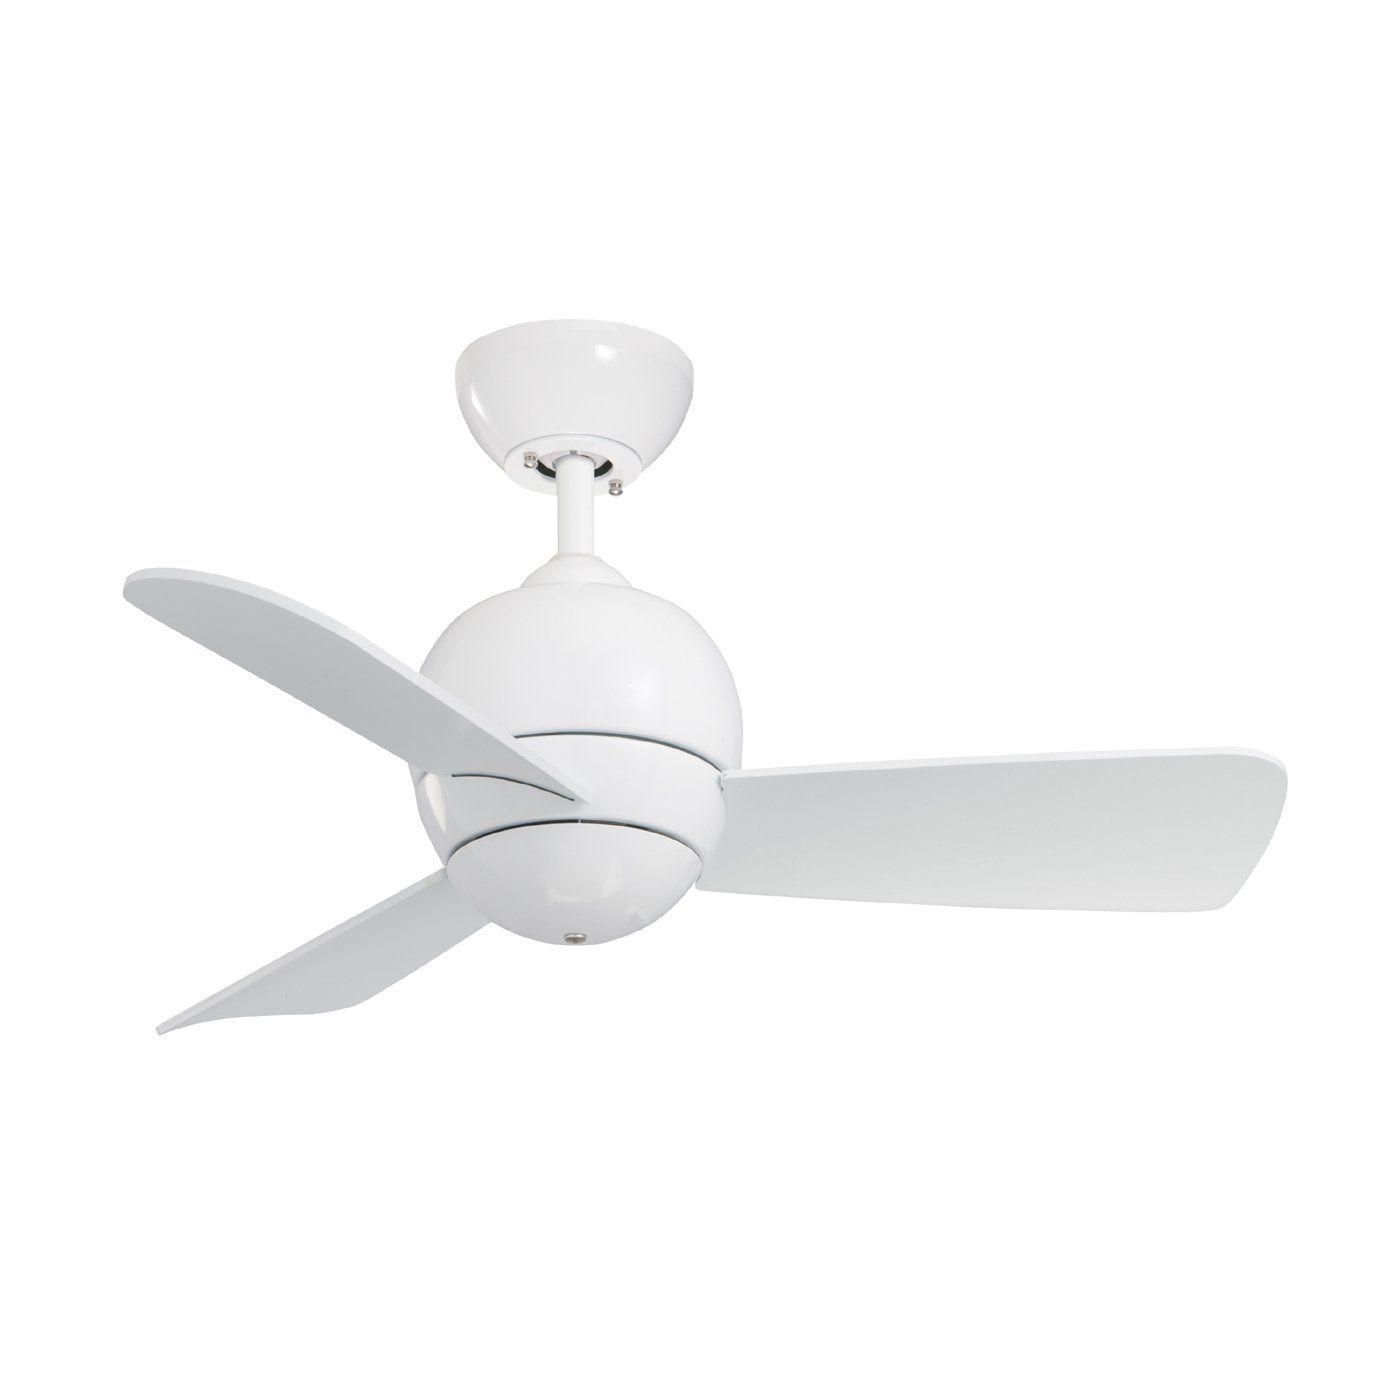 Emerson Electric CF130 30 in Tilo Ceiling Fan